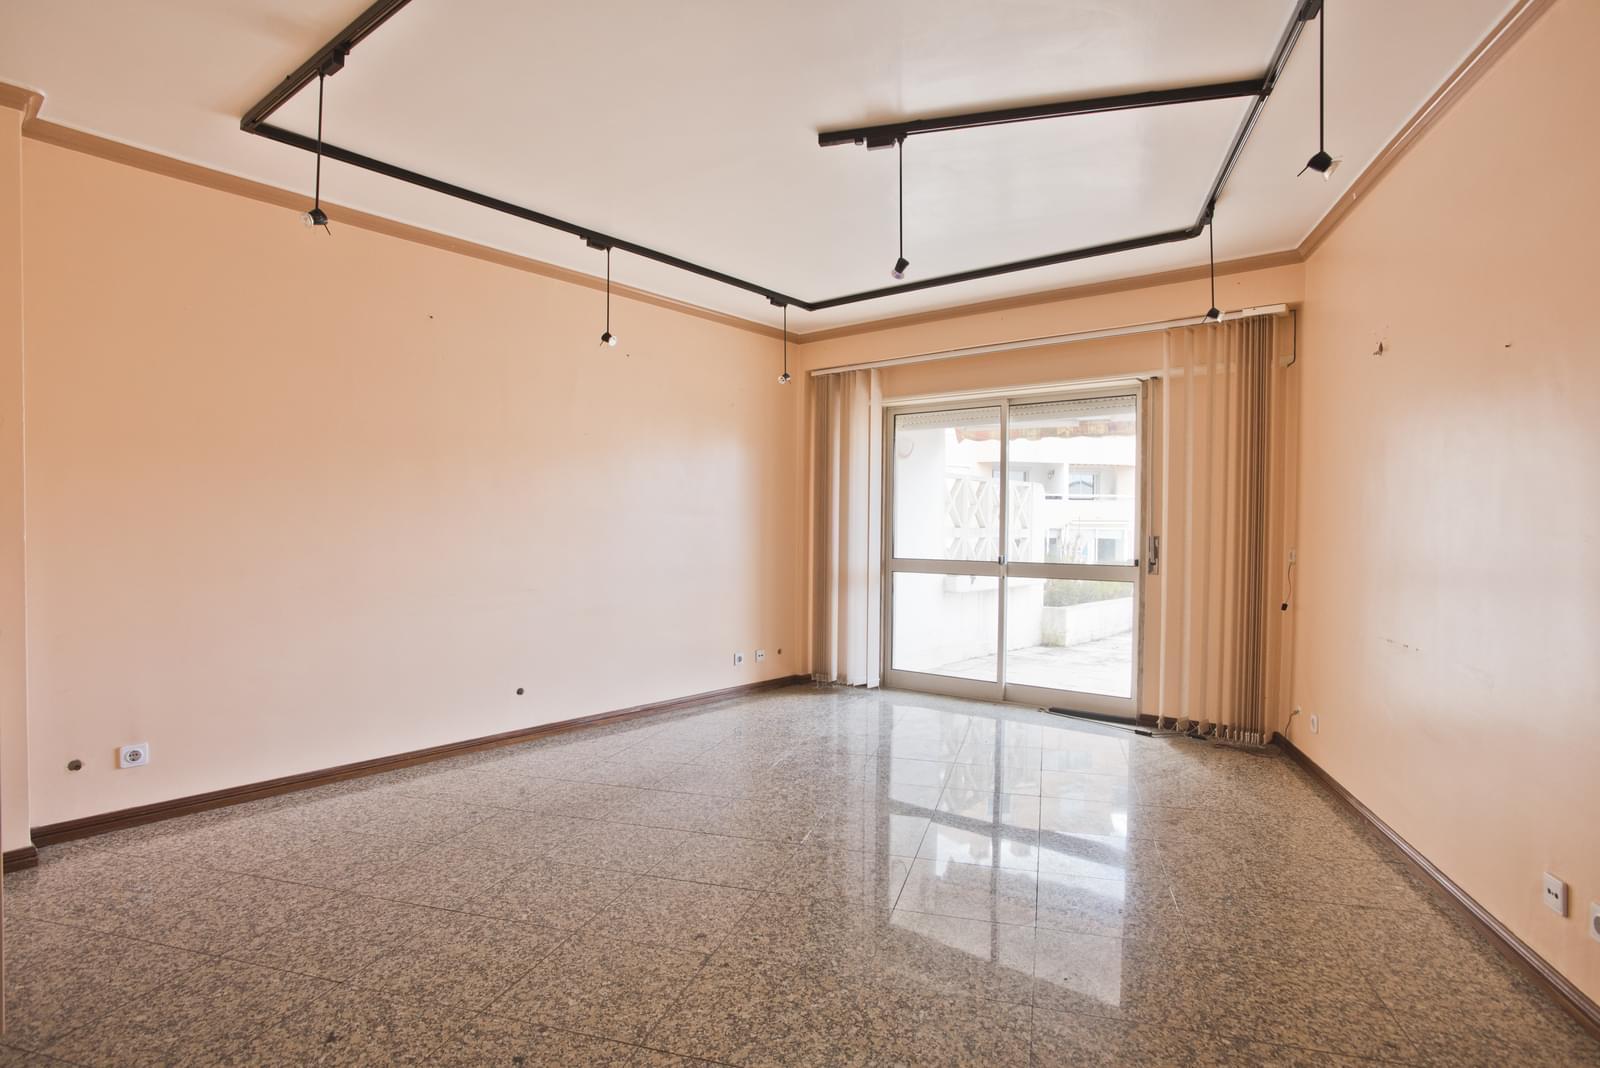 pf17280-apartamento-t2-cascais-f9177362-5e49-4572-a4f9-7942ed3e01cc